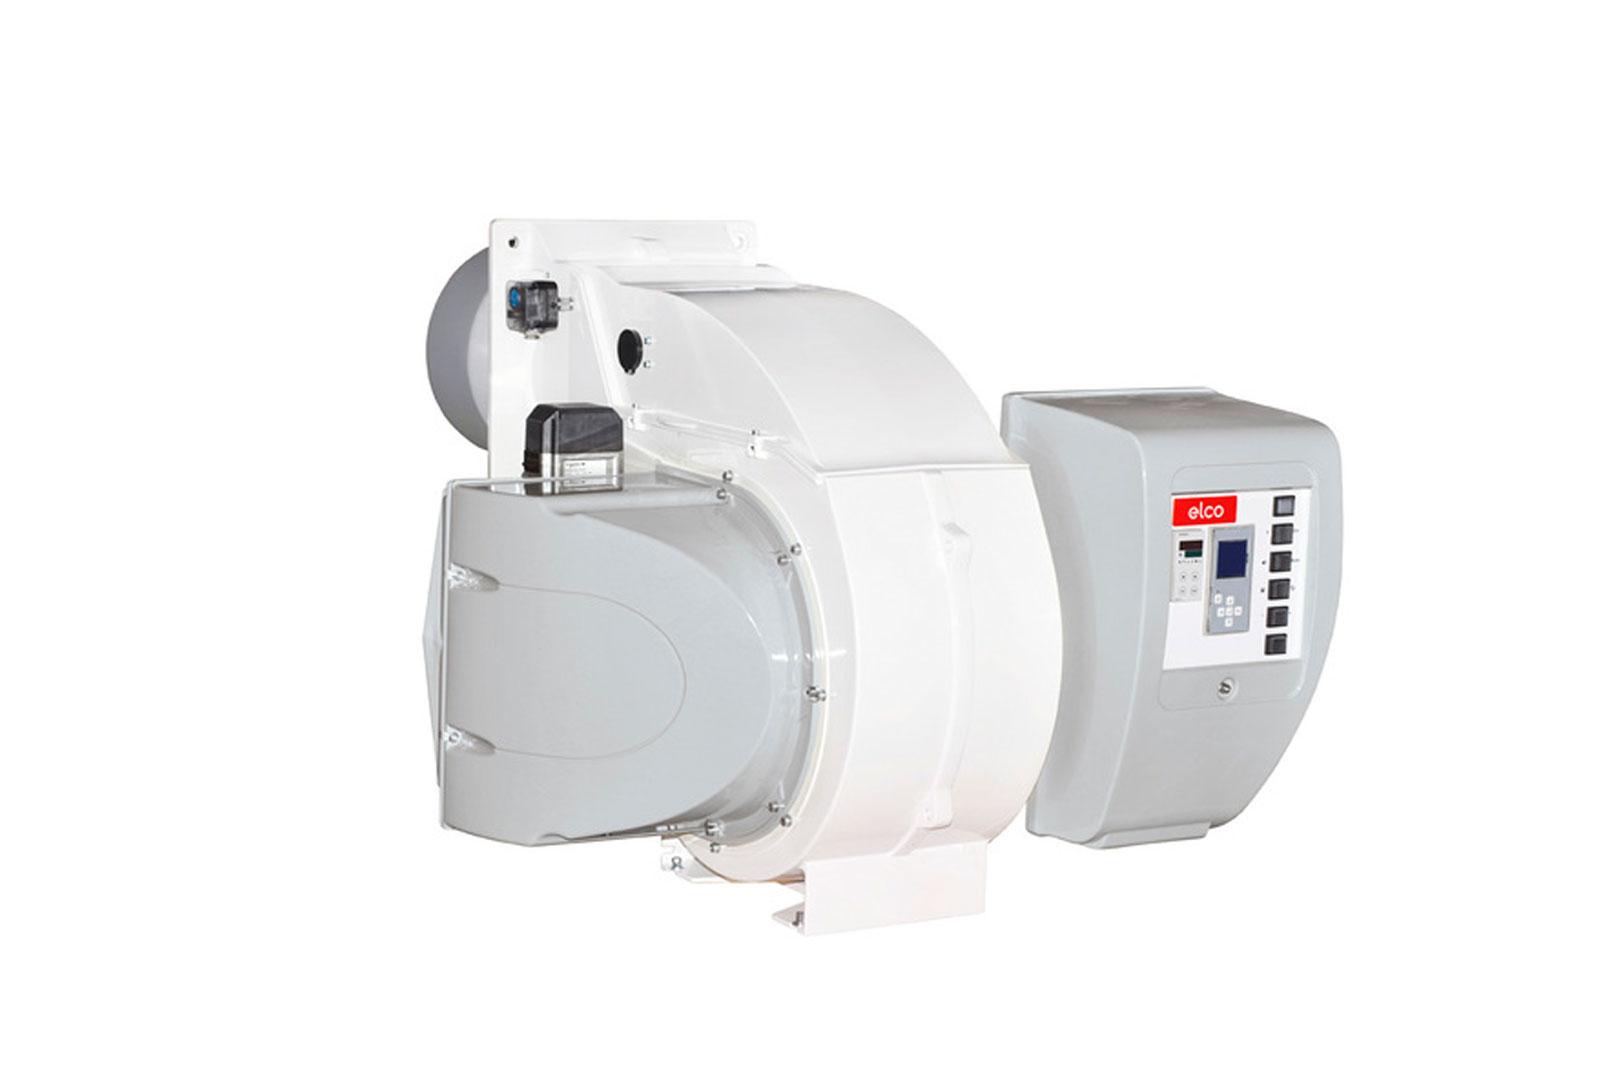 quemador-elco-monoblock-ek-evo-flamax-eficiencia-energetica-ppal